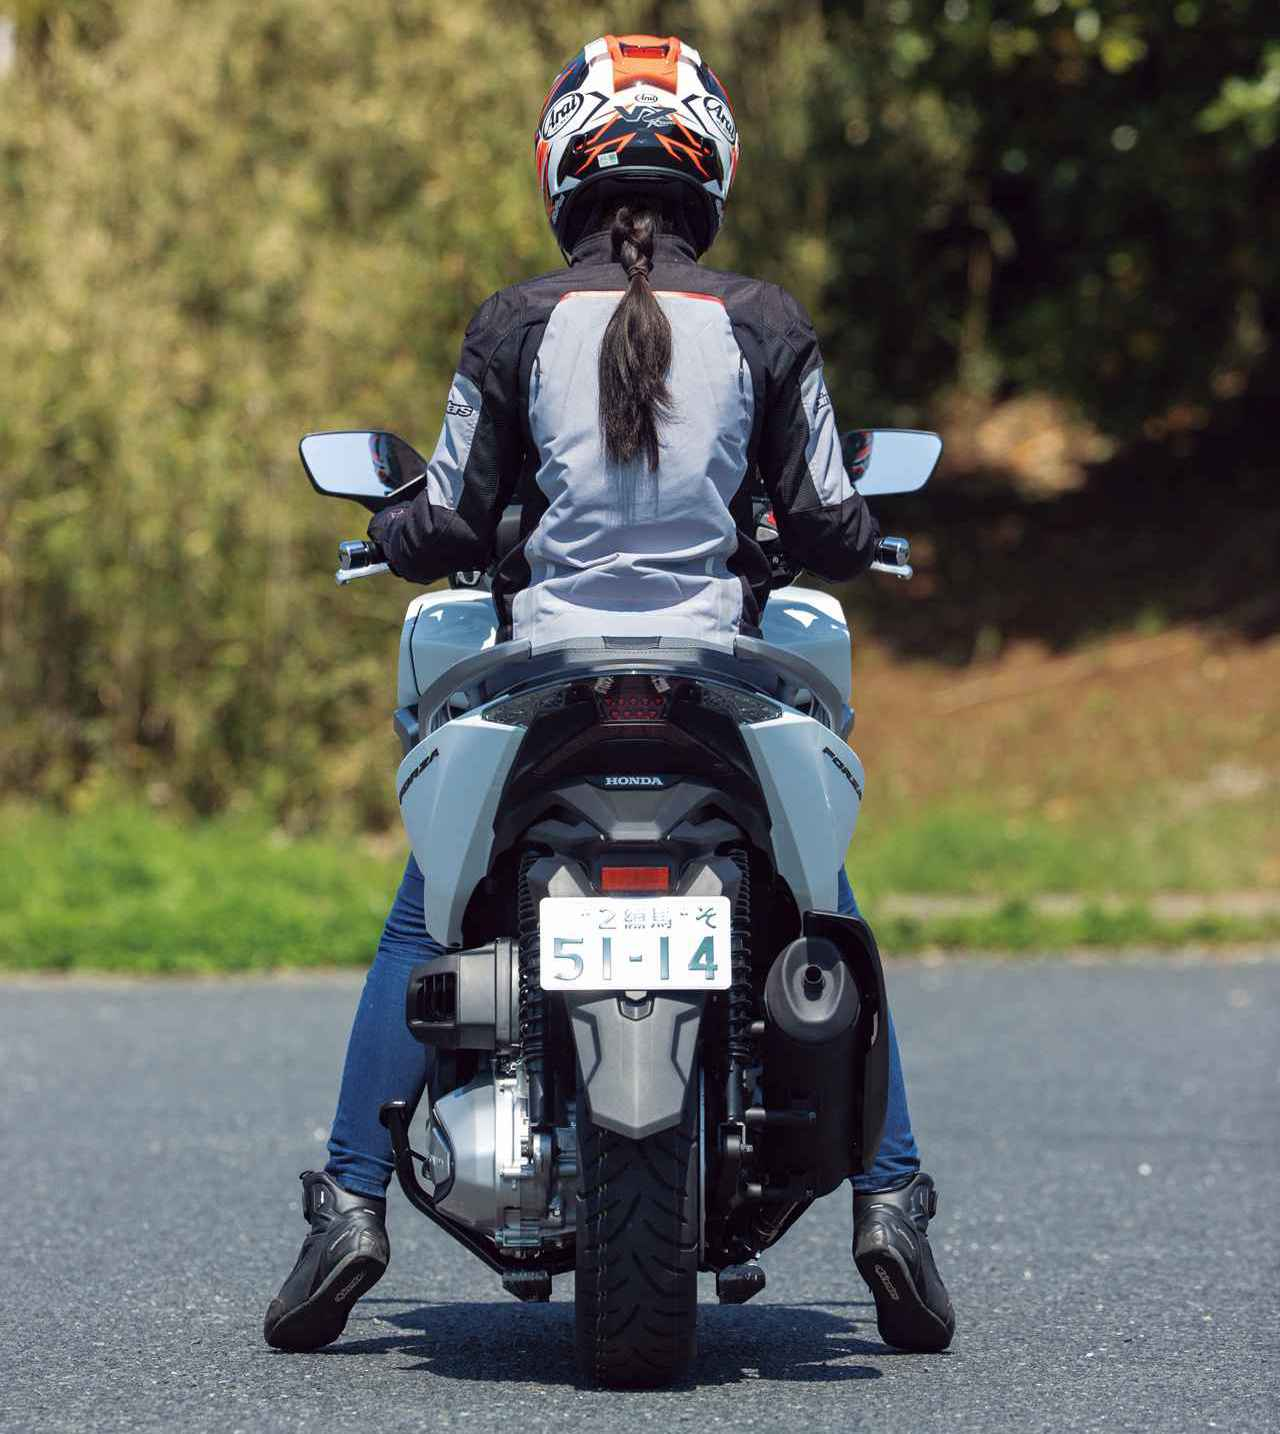 ホンダ新型「フォルツァ」インプレ(2021年)新設計エンジンを搭載し装備もさらに充実した250ccスクーターの雄